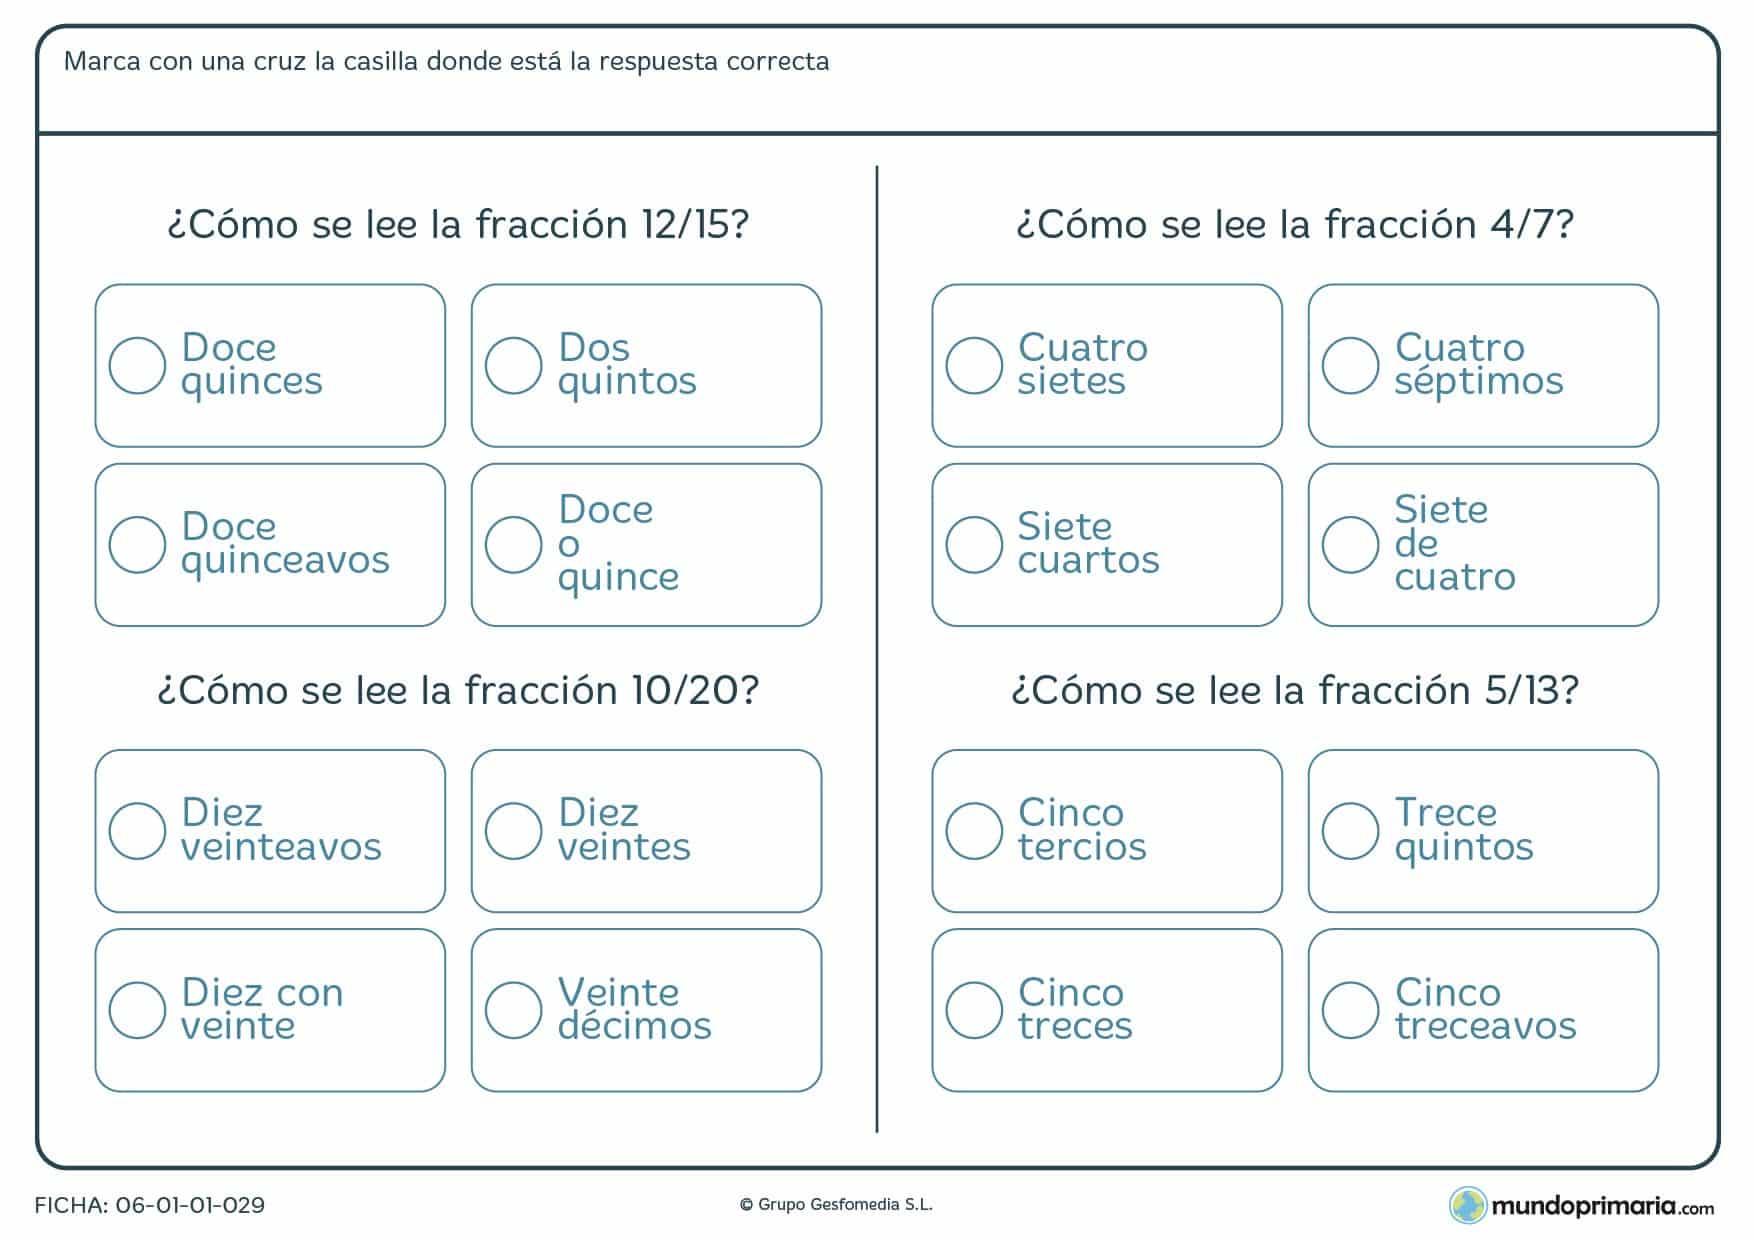 Ficha de cómo leer fracciones numéricas en palabras. Tacha la respuesta correcta.